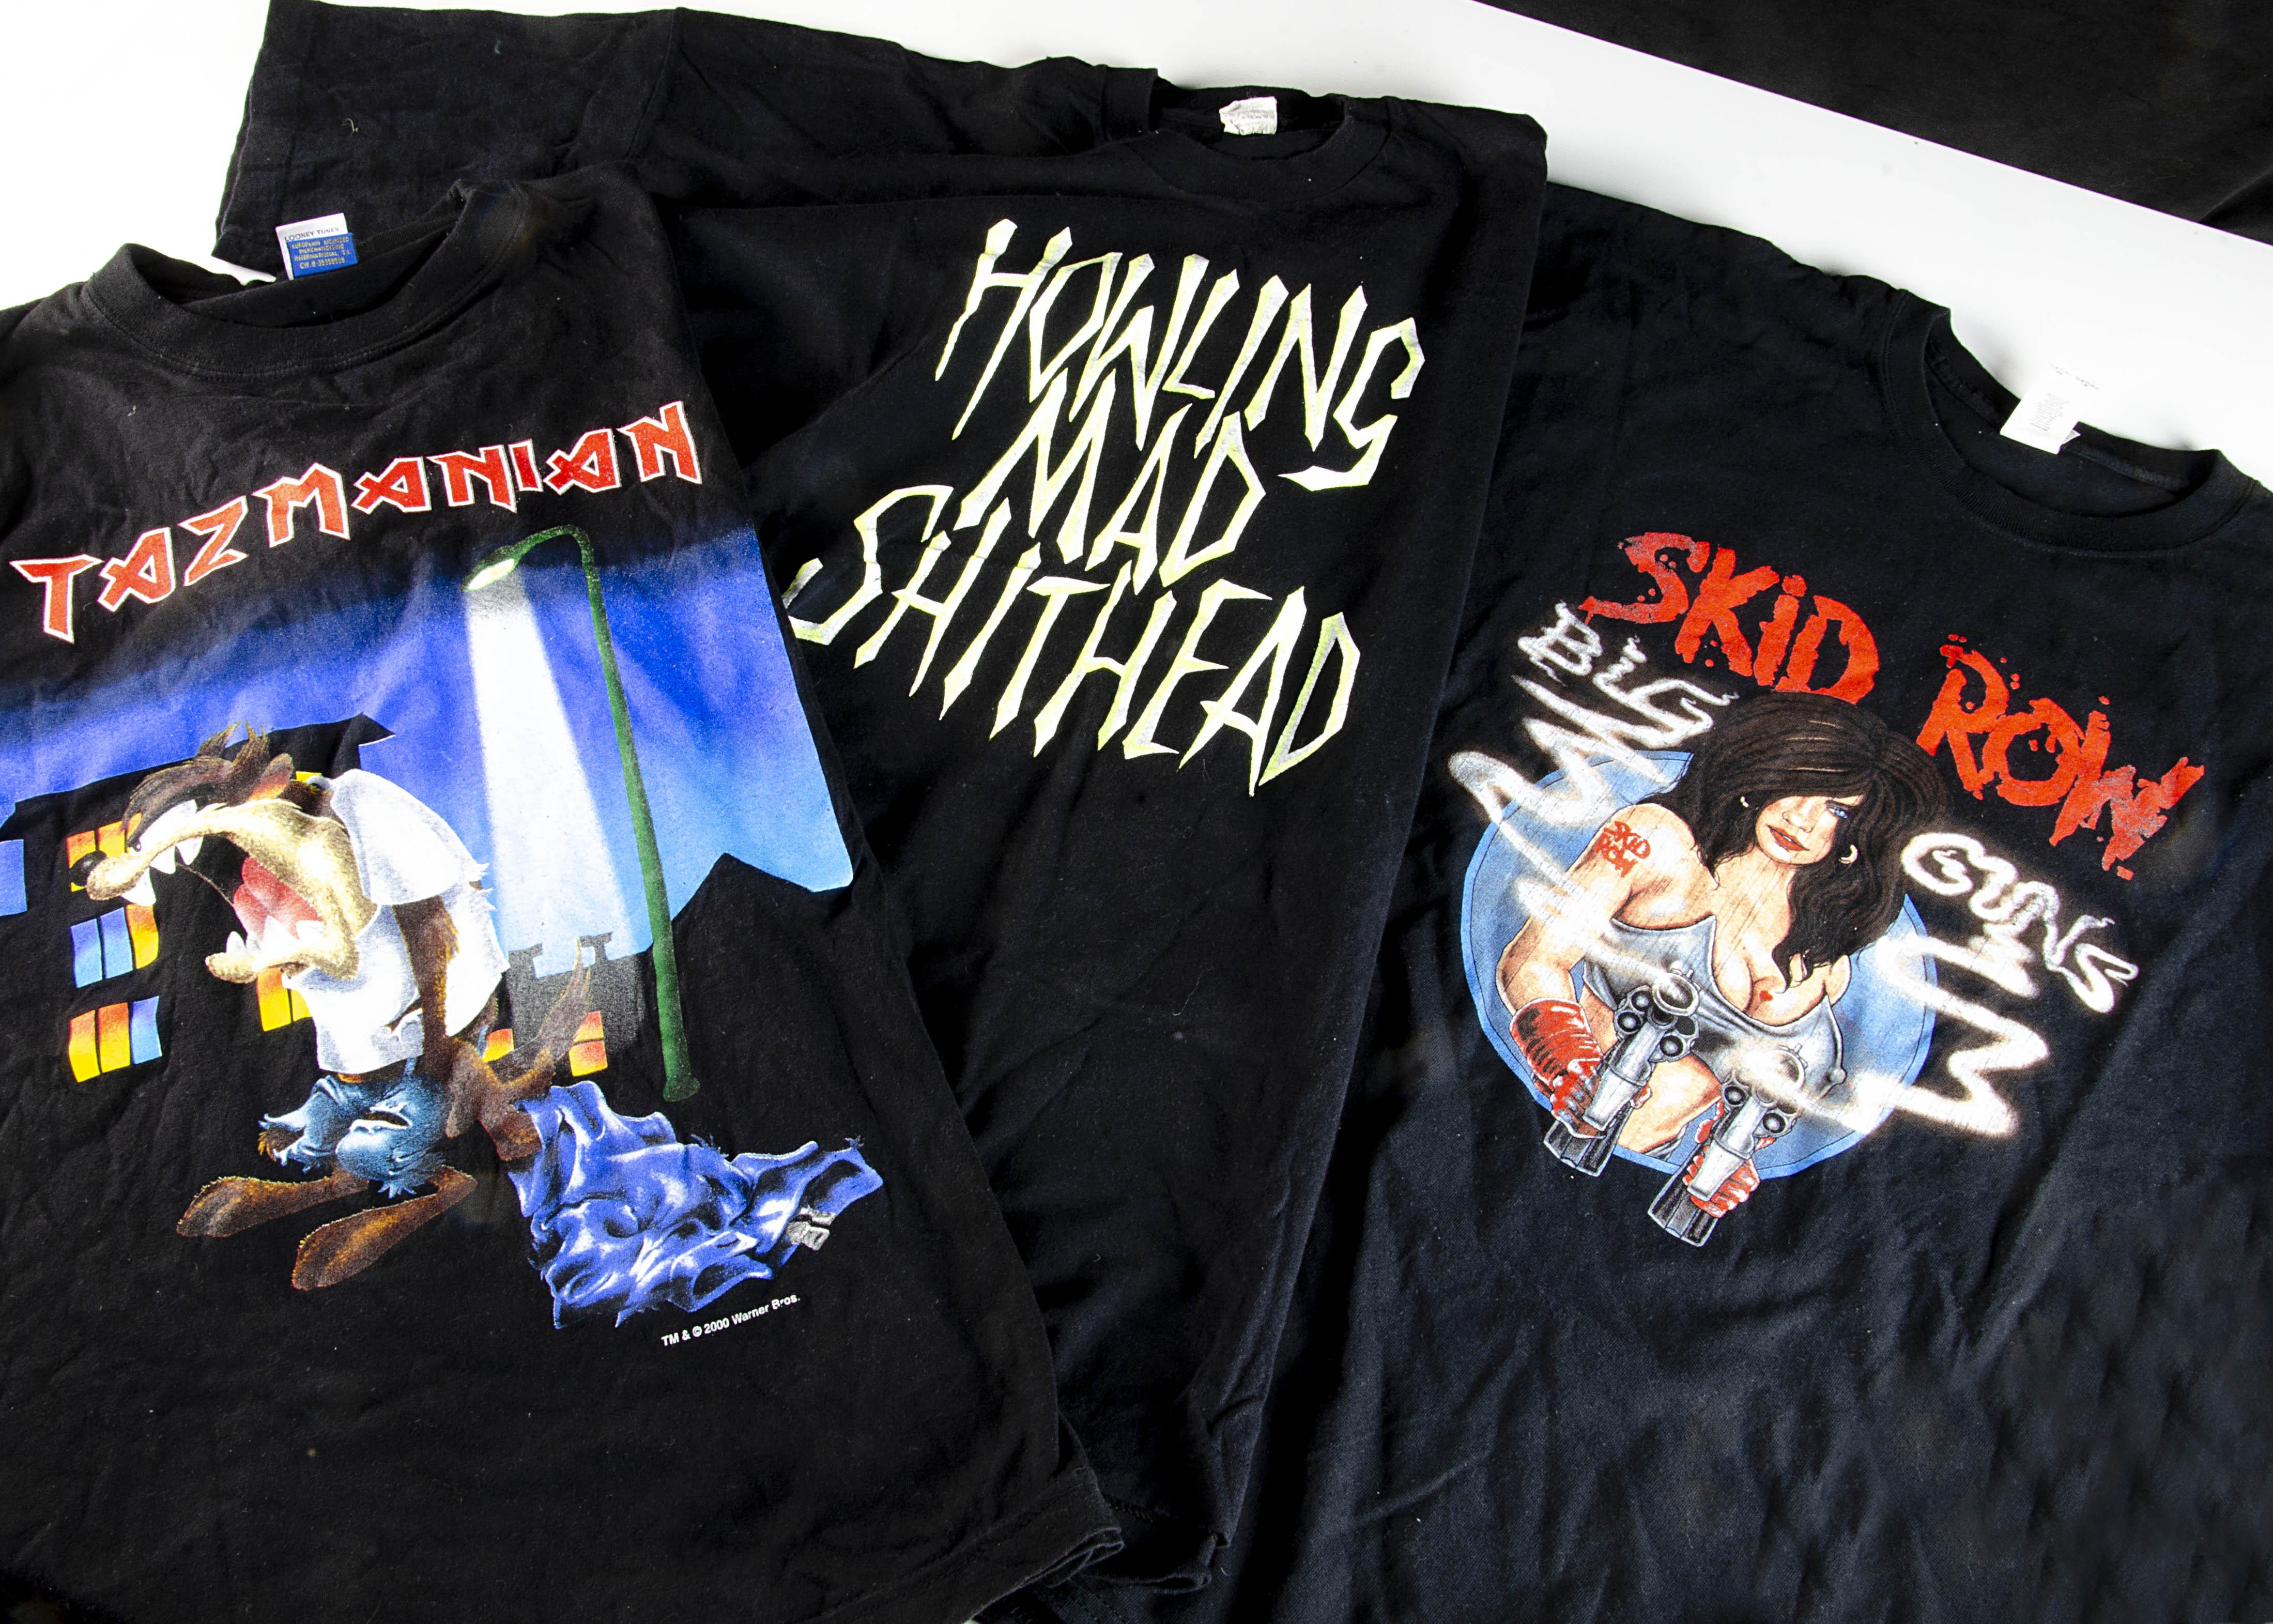 Iron Maiden Eddie 'T' Shirt, Iron Maiden 'T' shirt - Eddie's Bar 1989 blue shirt to reverse 'Eddie's - Image 3 of 5